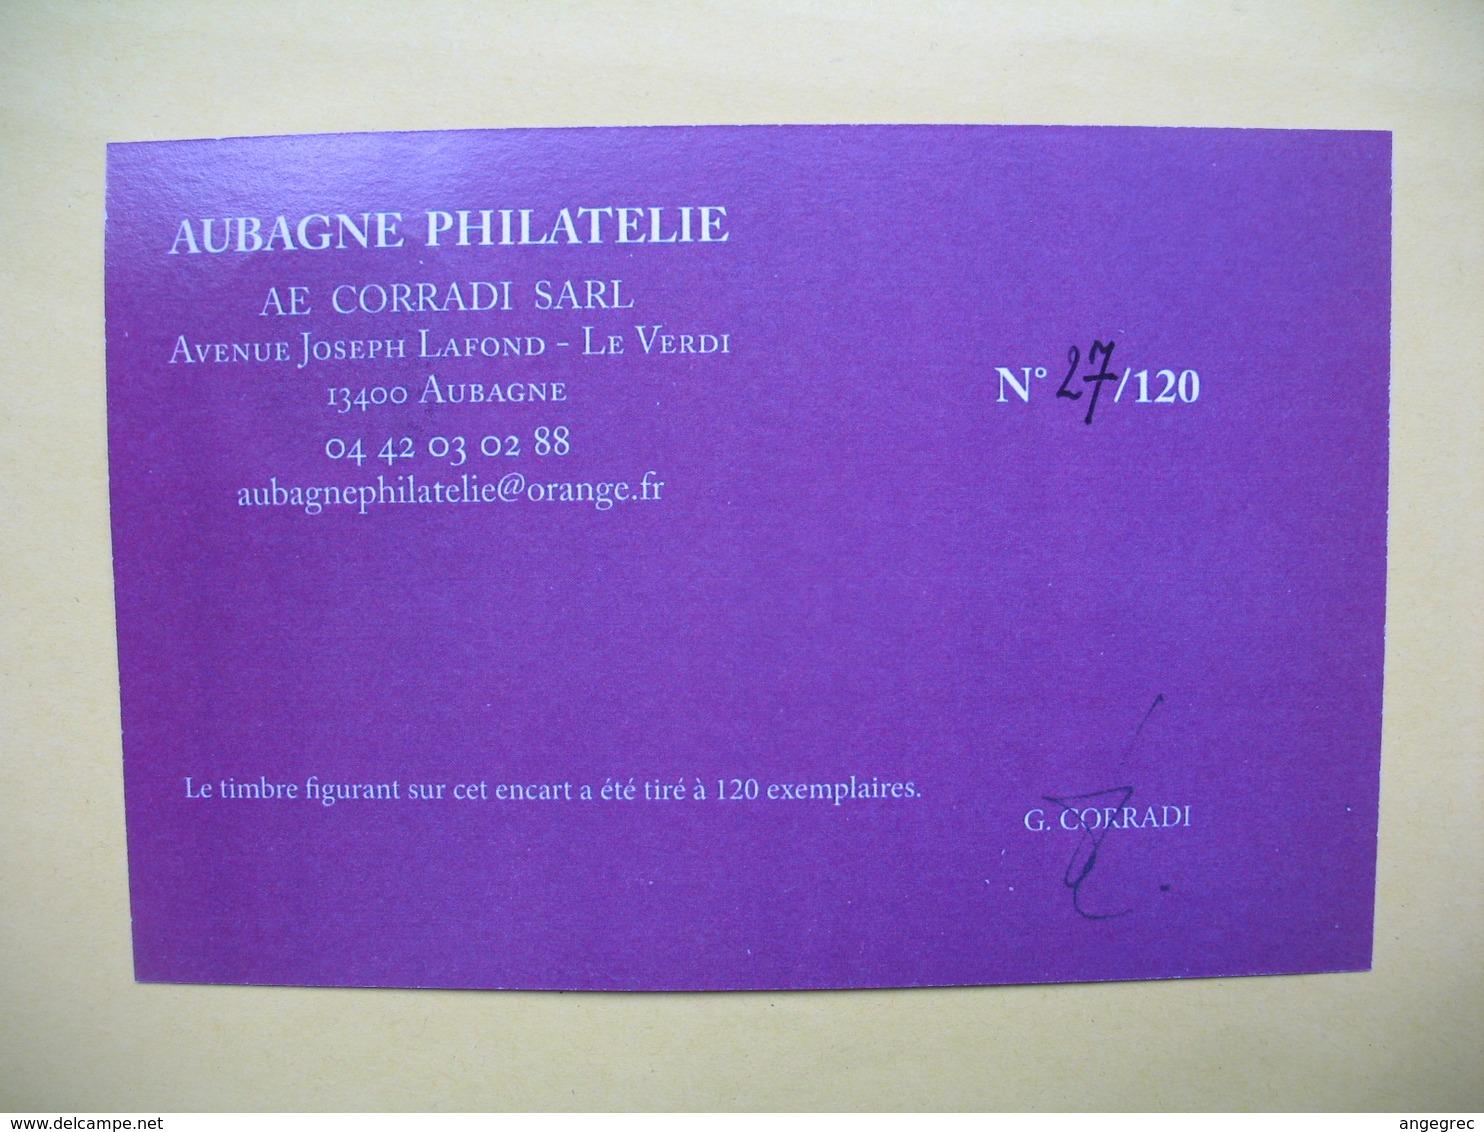 """Pièce De Collection Aubagne Philatélie   N° 27/120 """" Appellation Bandol Contrôlée    Avec Timbre - France"""